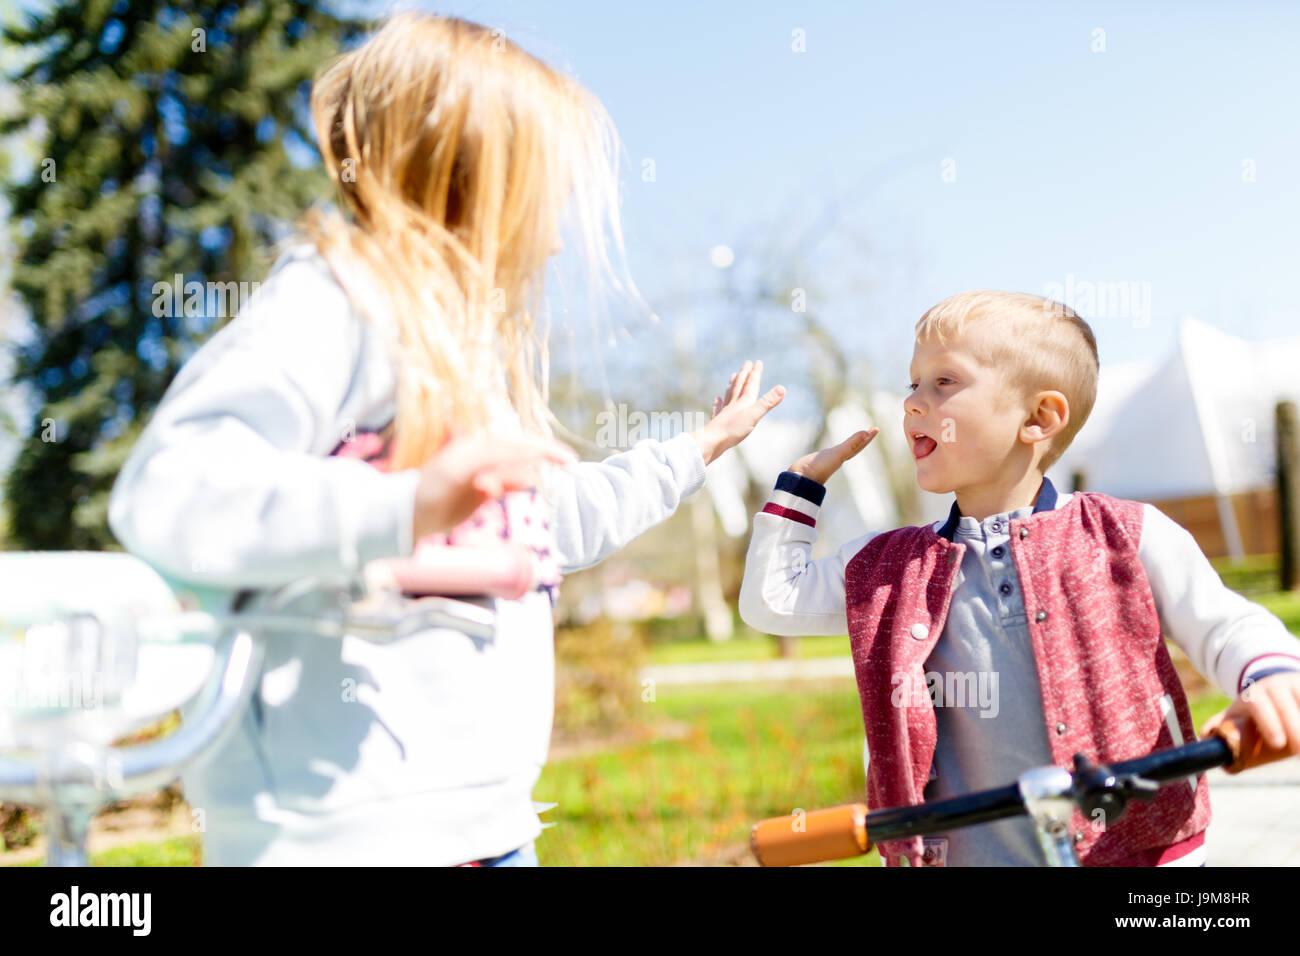 Boy with girl doing handshake - Stock Image